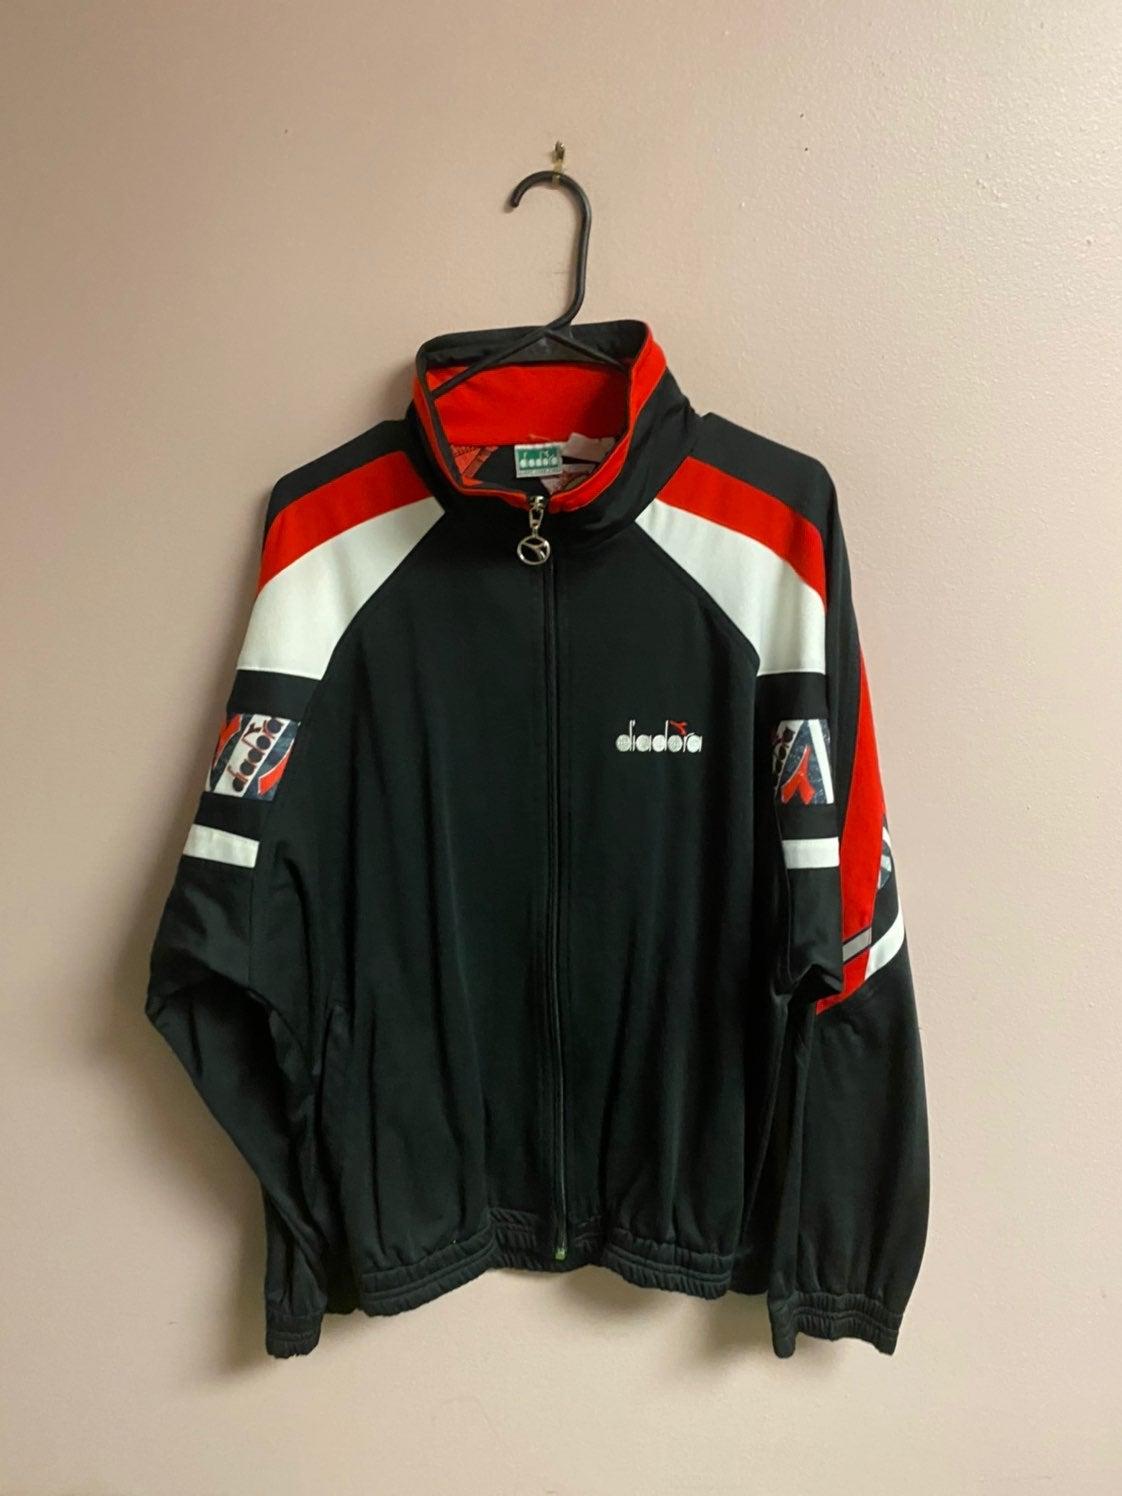 Diadora vintage track jacket